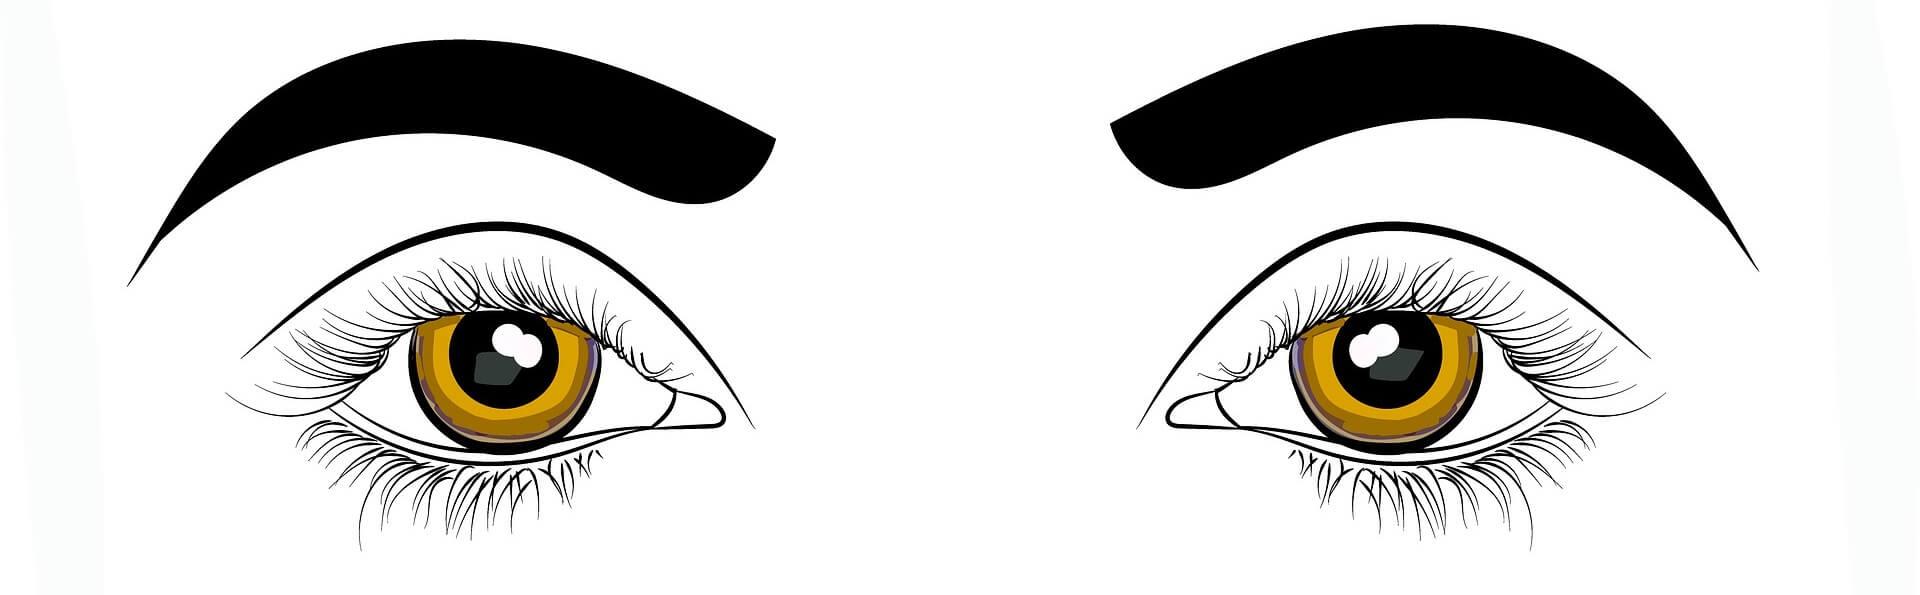 Kontaktlinse Kontaktlinsen Auge Augenarzt Optiker Optik Weißmann Oberaudorf Brille Schmuck Onlineshop Augen